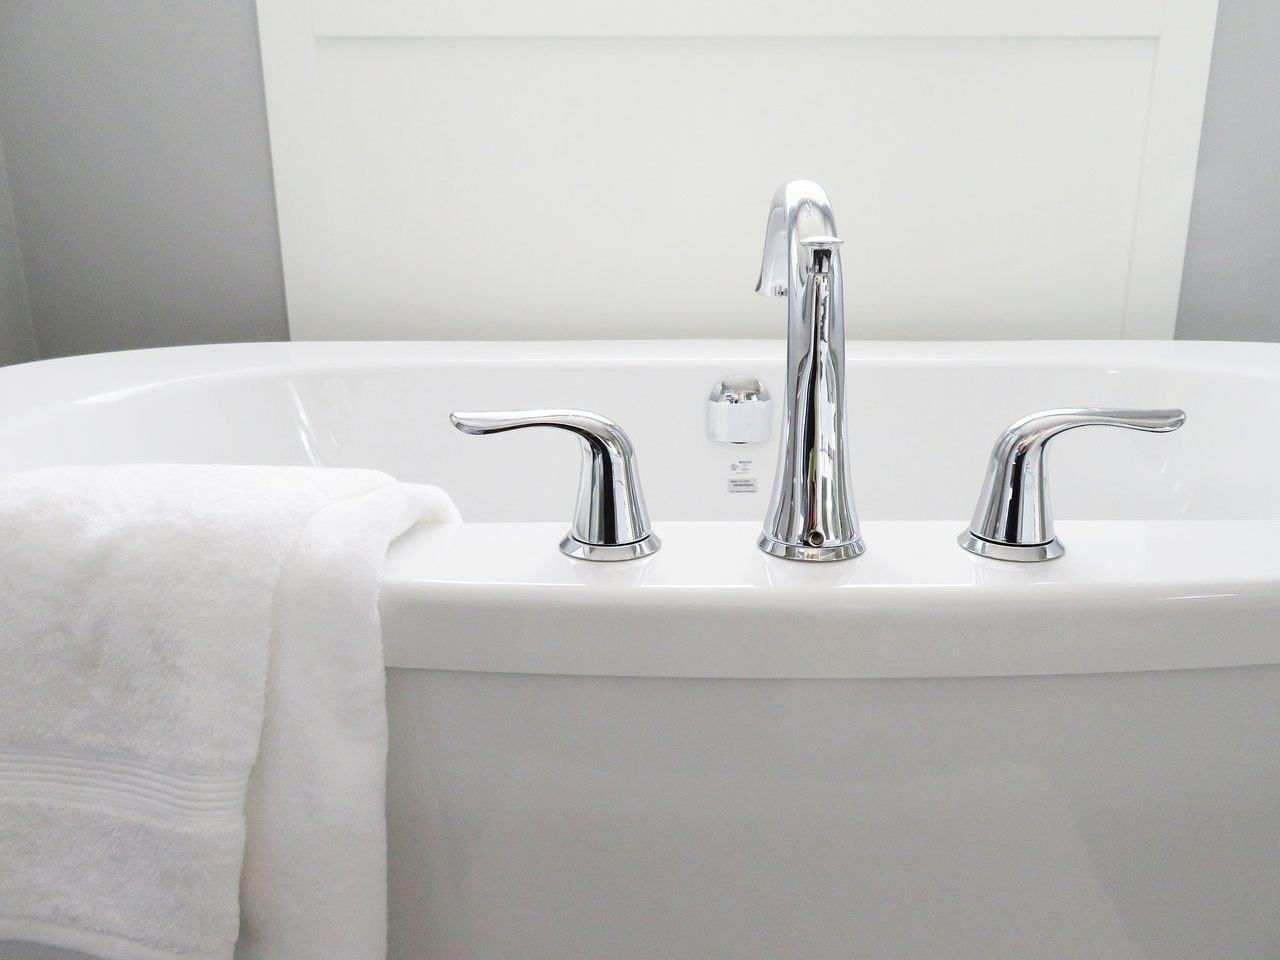 Die Richtige Badewanne Finden Tipps Zur Grosse Badezimmer Vienna At